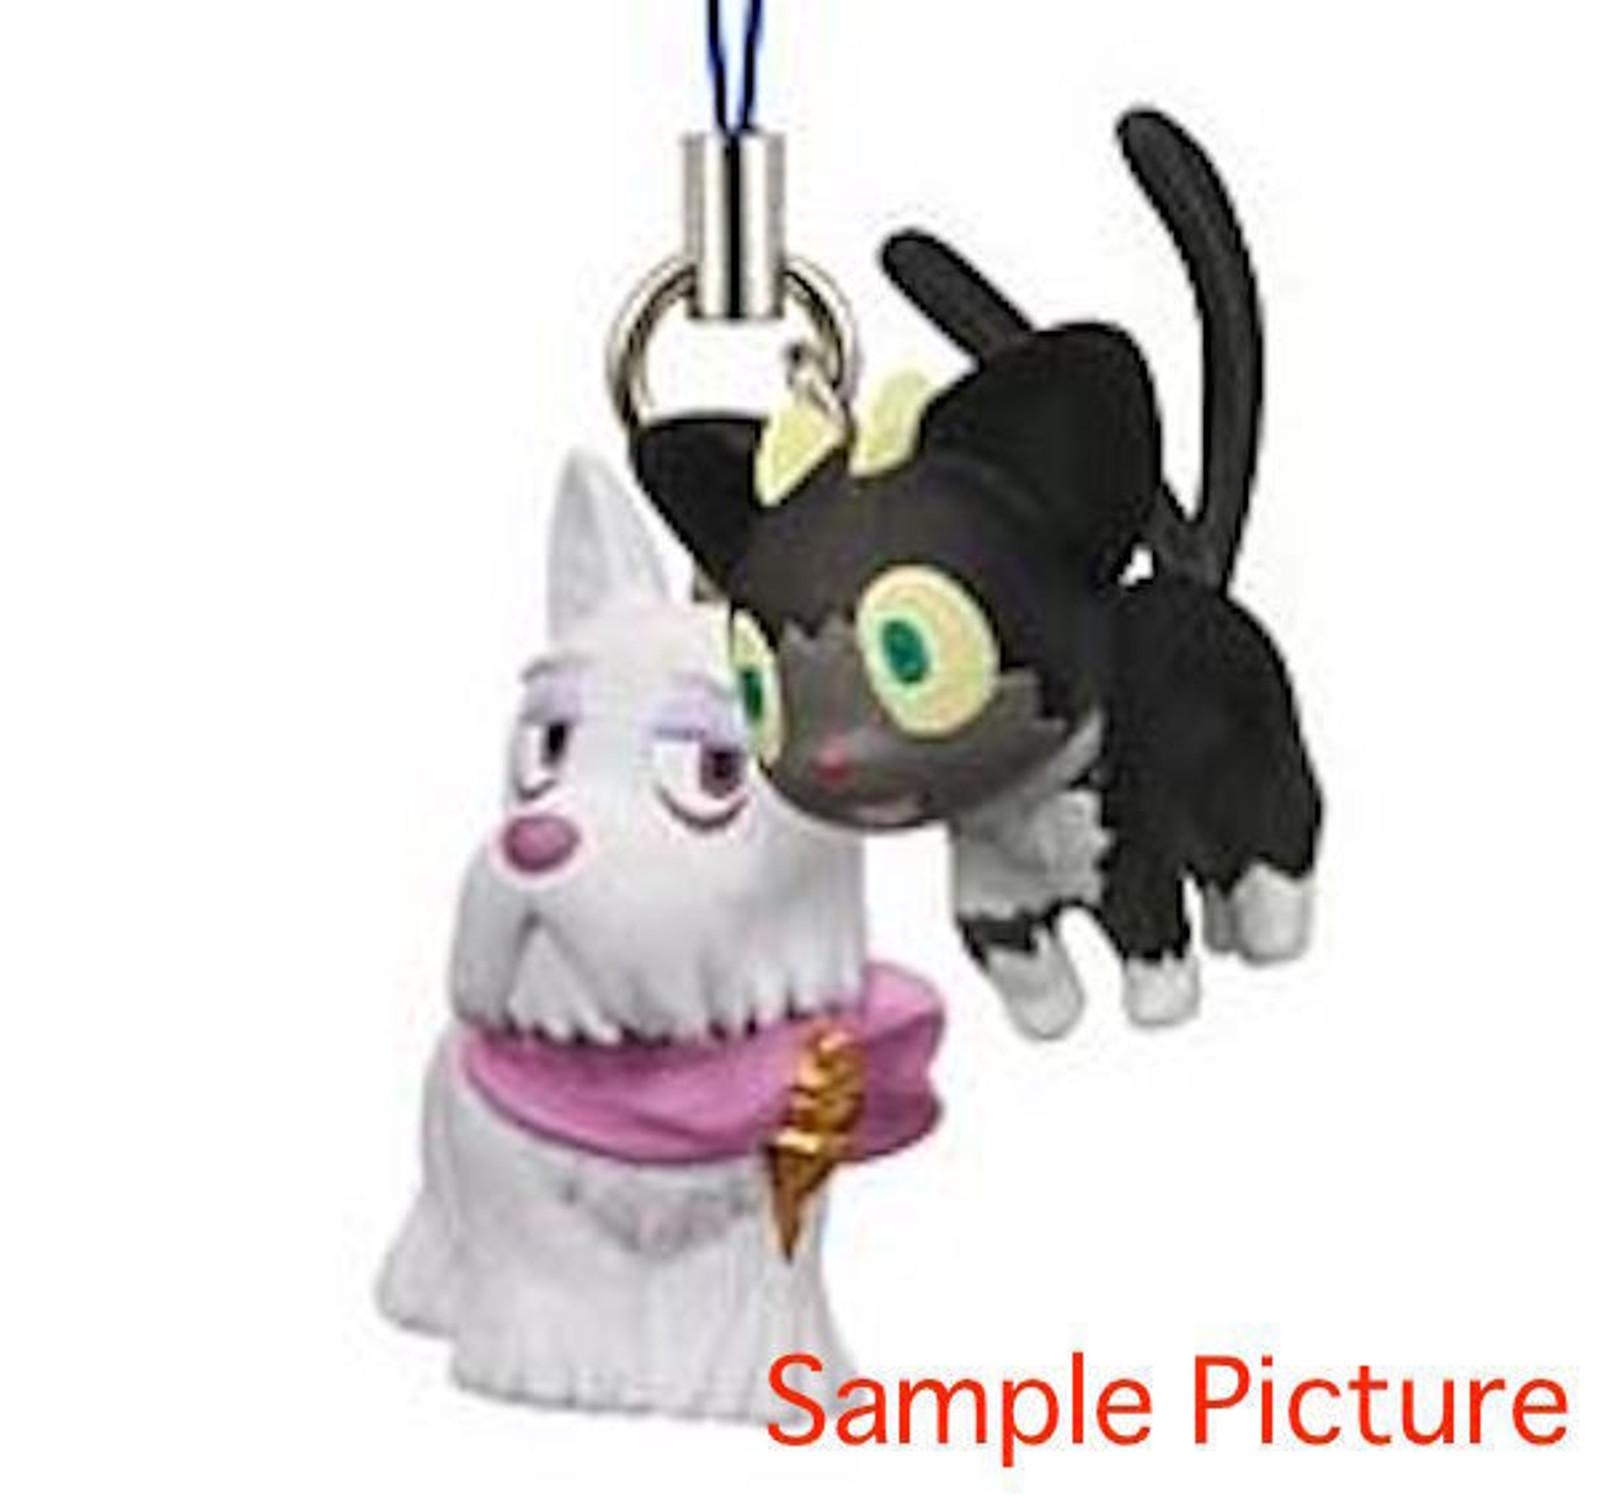 Blue Exorcist Mephisto Dog & Kuro Mascot Figure Strap JAPAN ANIME MANGA